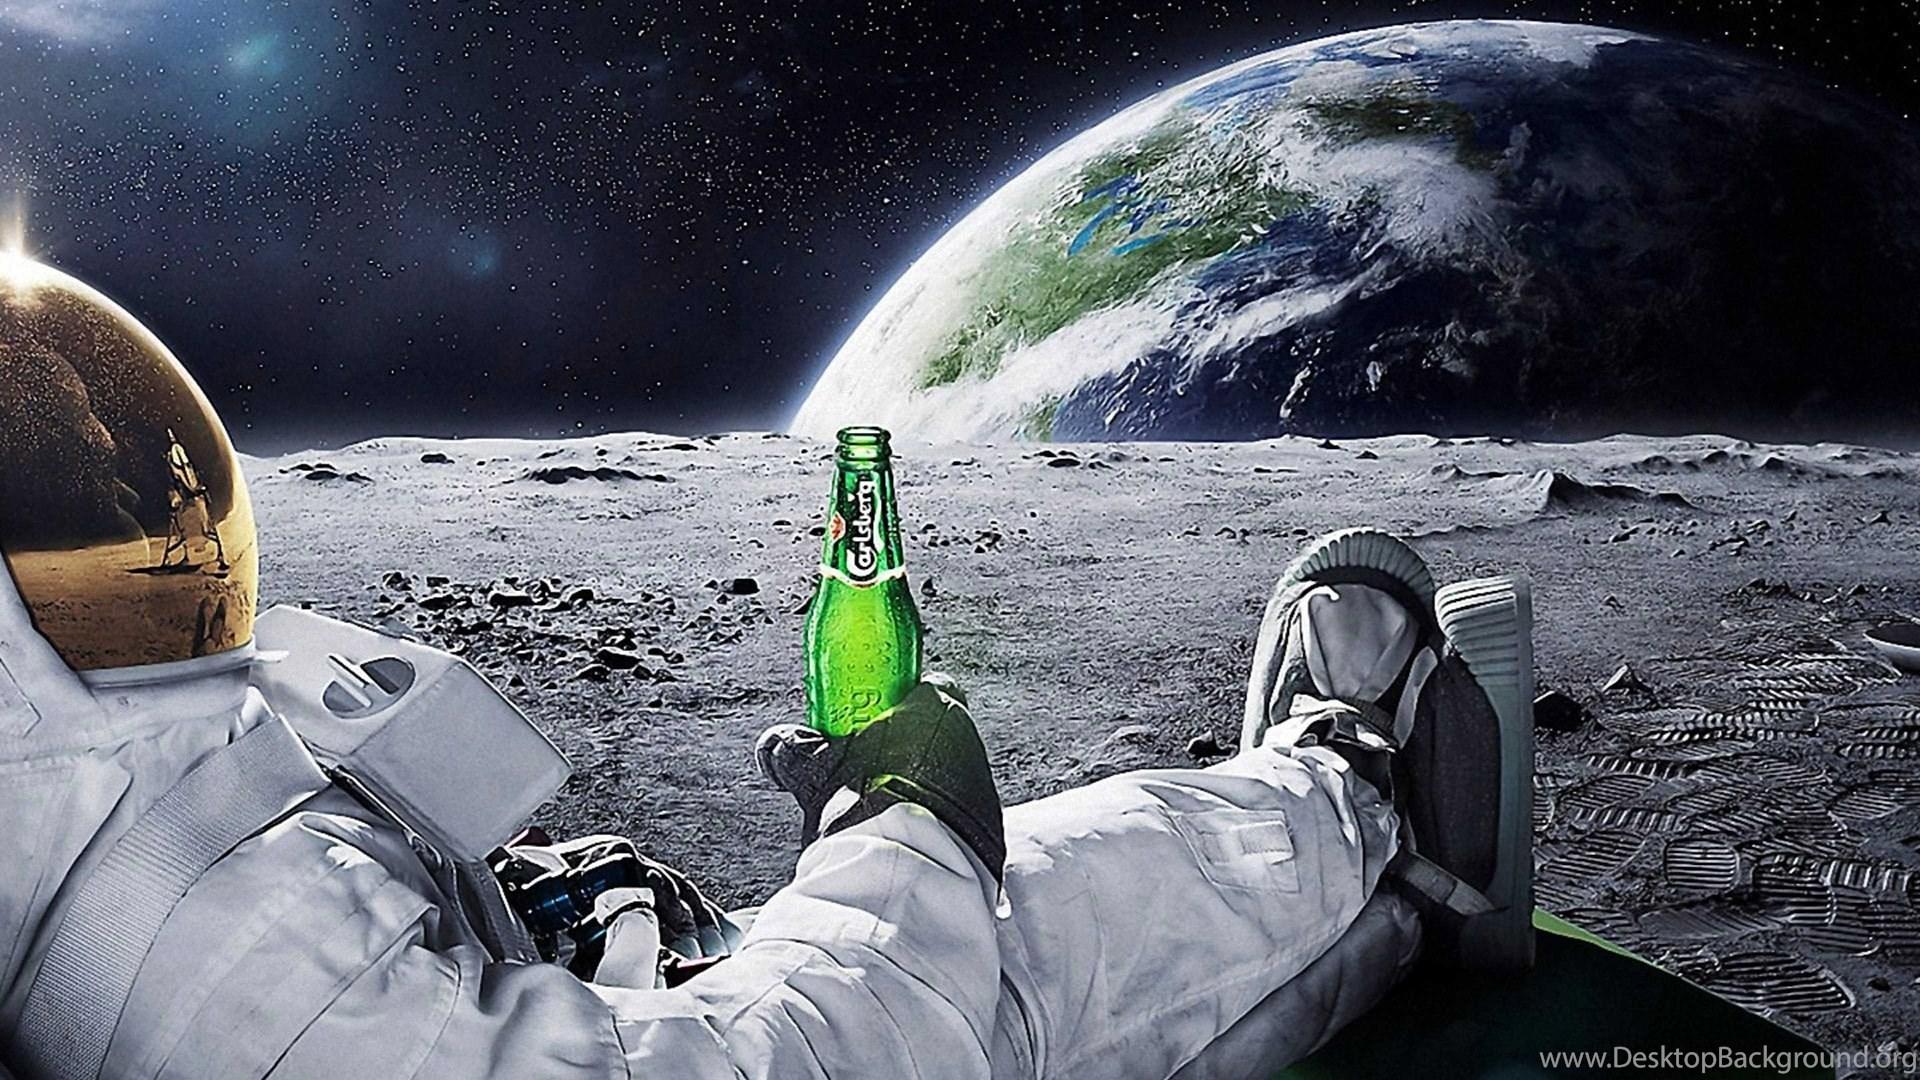 Astronaut Drinking Carlsberg Beer Moon Space Wallpapers